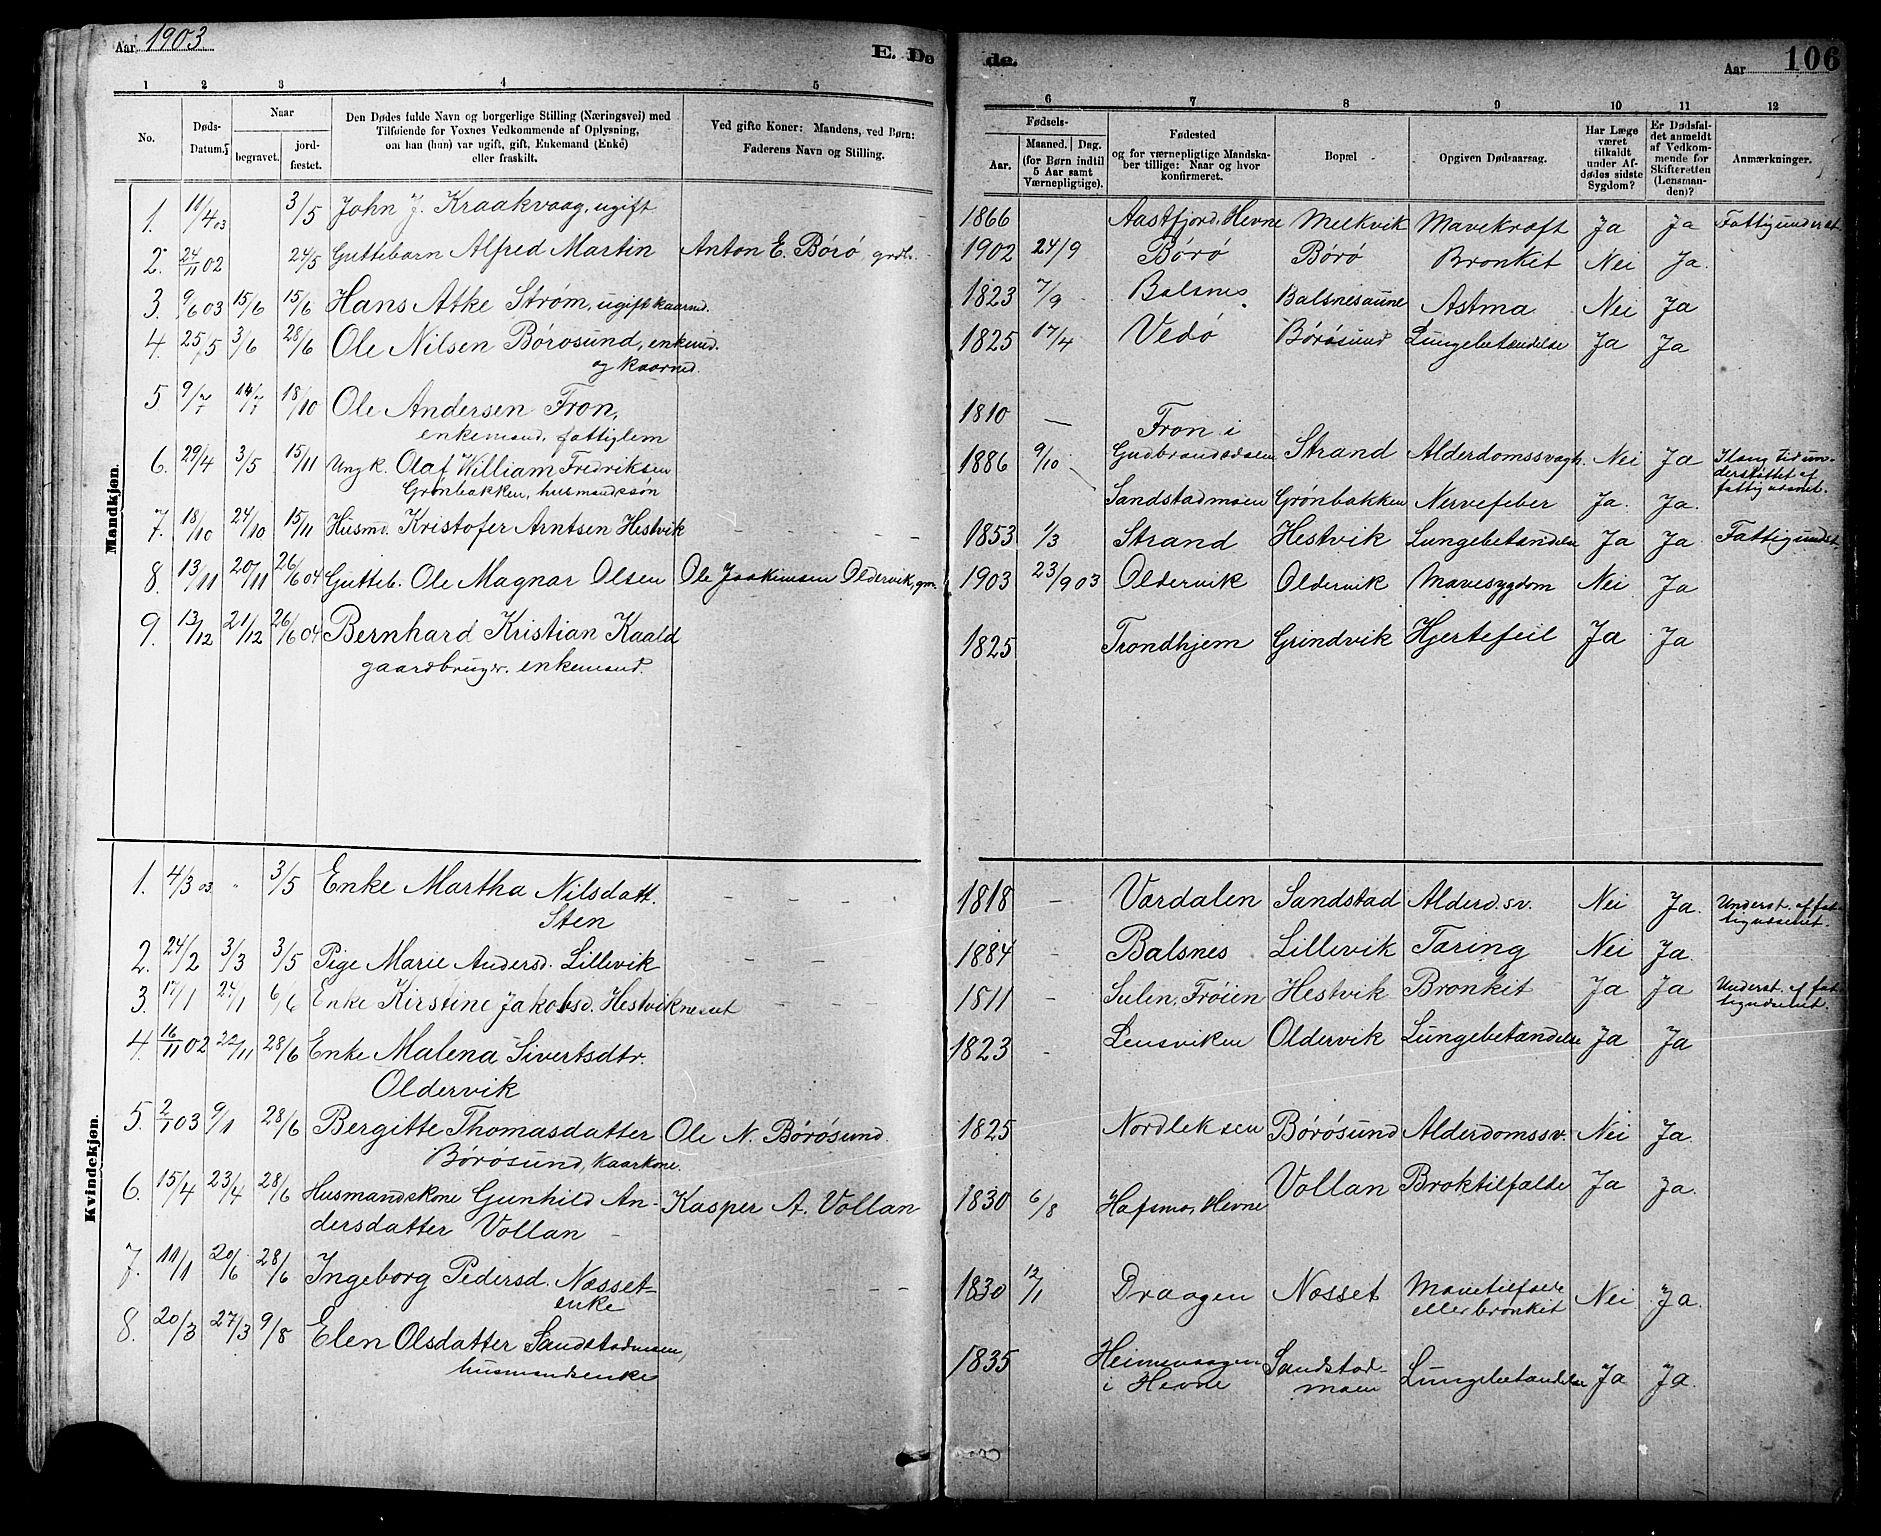 SAT, Ministerialprotokoller, klokkerbøker og fødselsregistre - Sør-Trøndelag, 639/L0573: Klokkerbok nr. 639C01, 1890-1905, s. 106